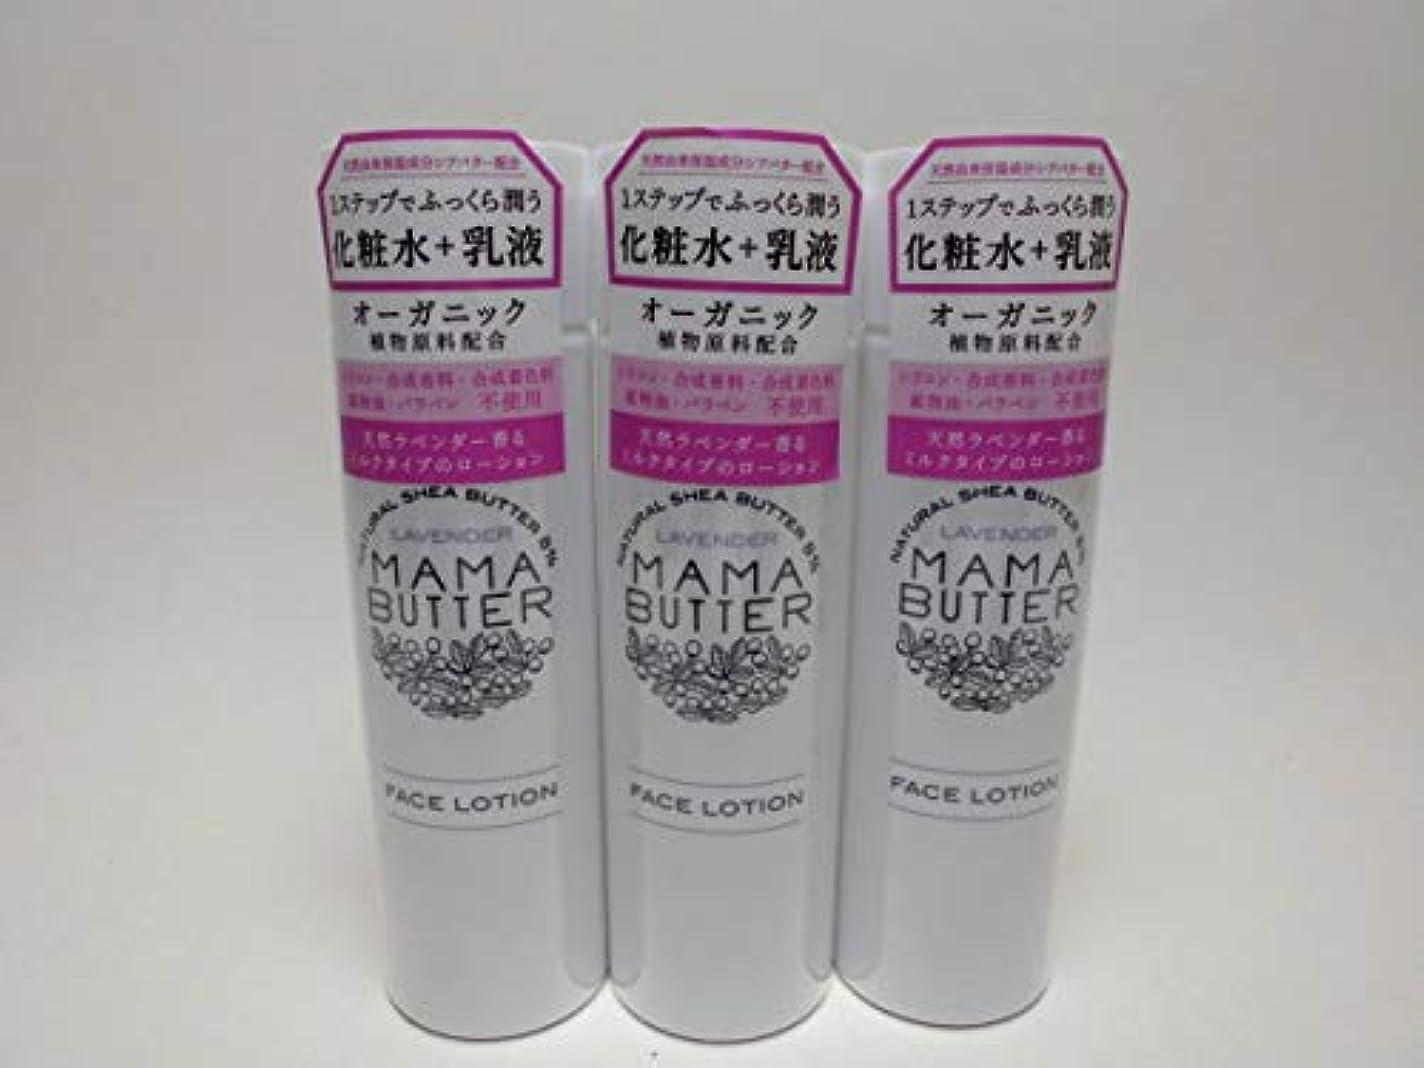 広まった純度ゴルフ【3個セット】ママバター 化粧水 フェイスローション 200ml 定価1620円